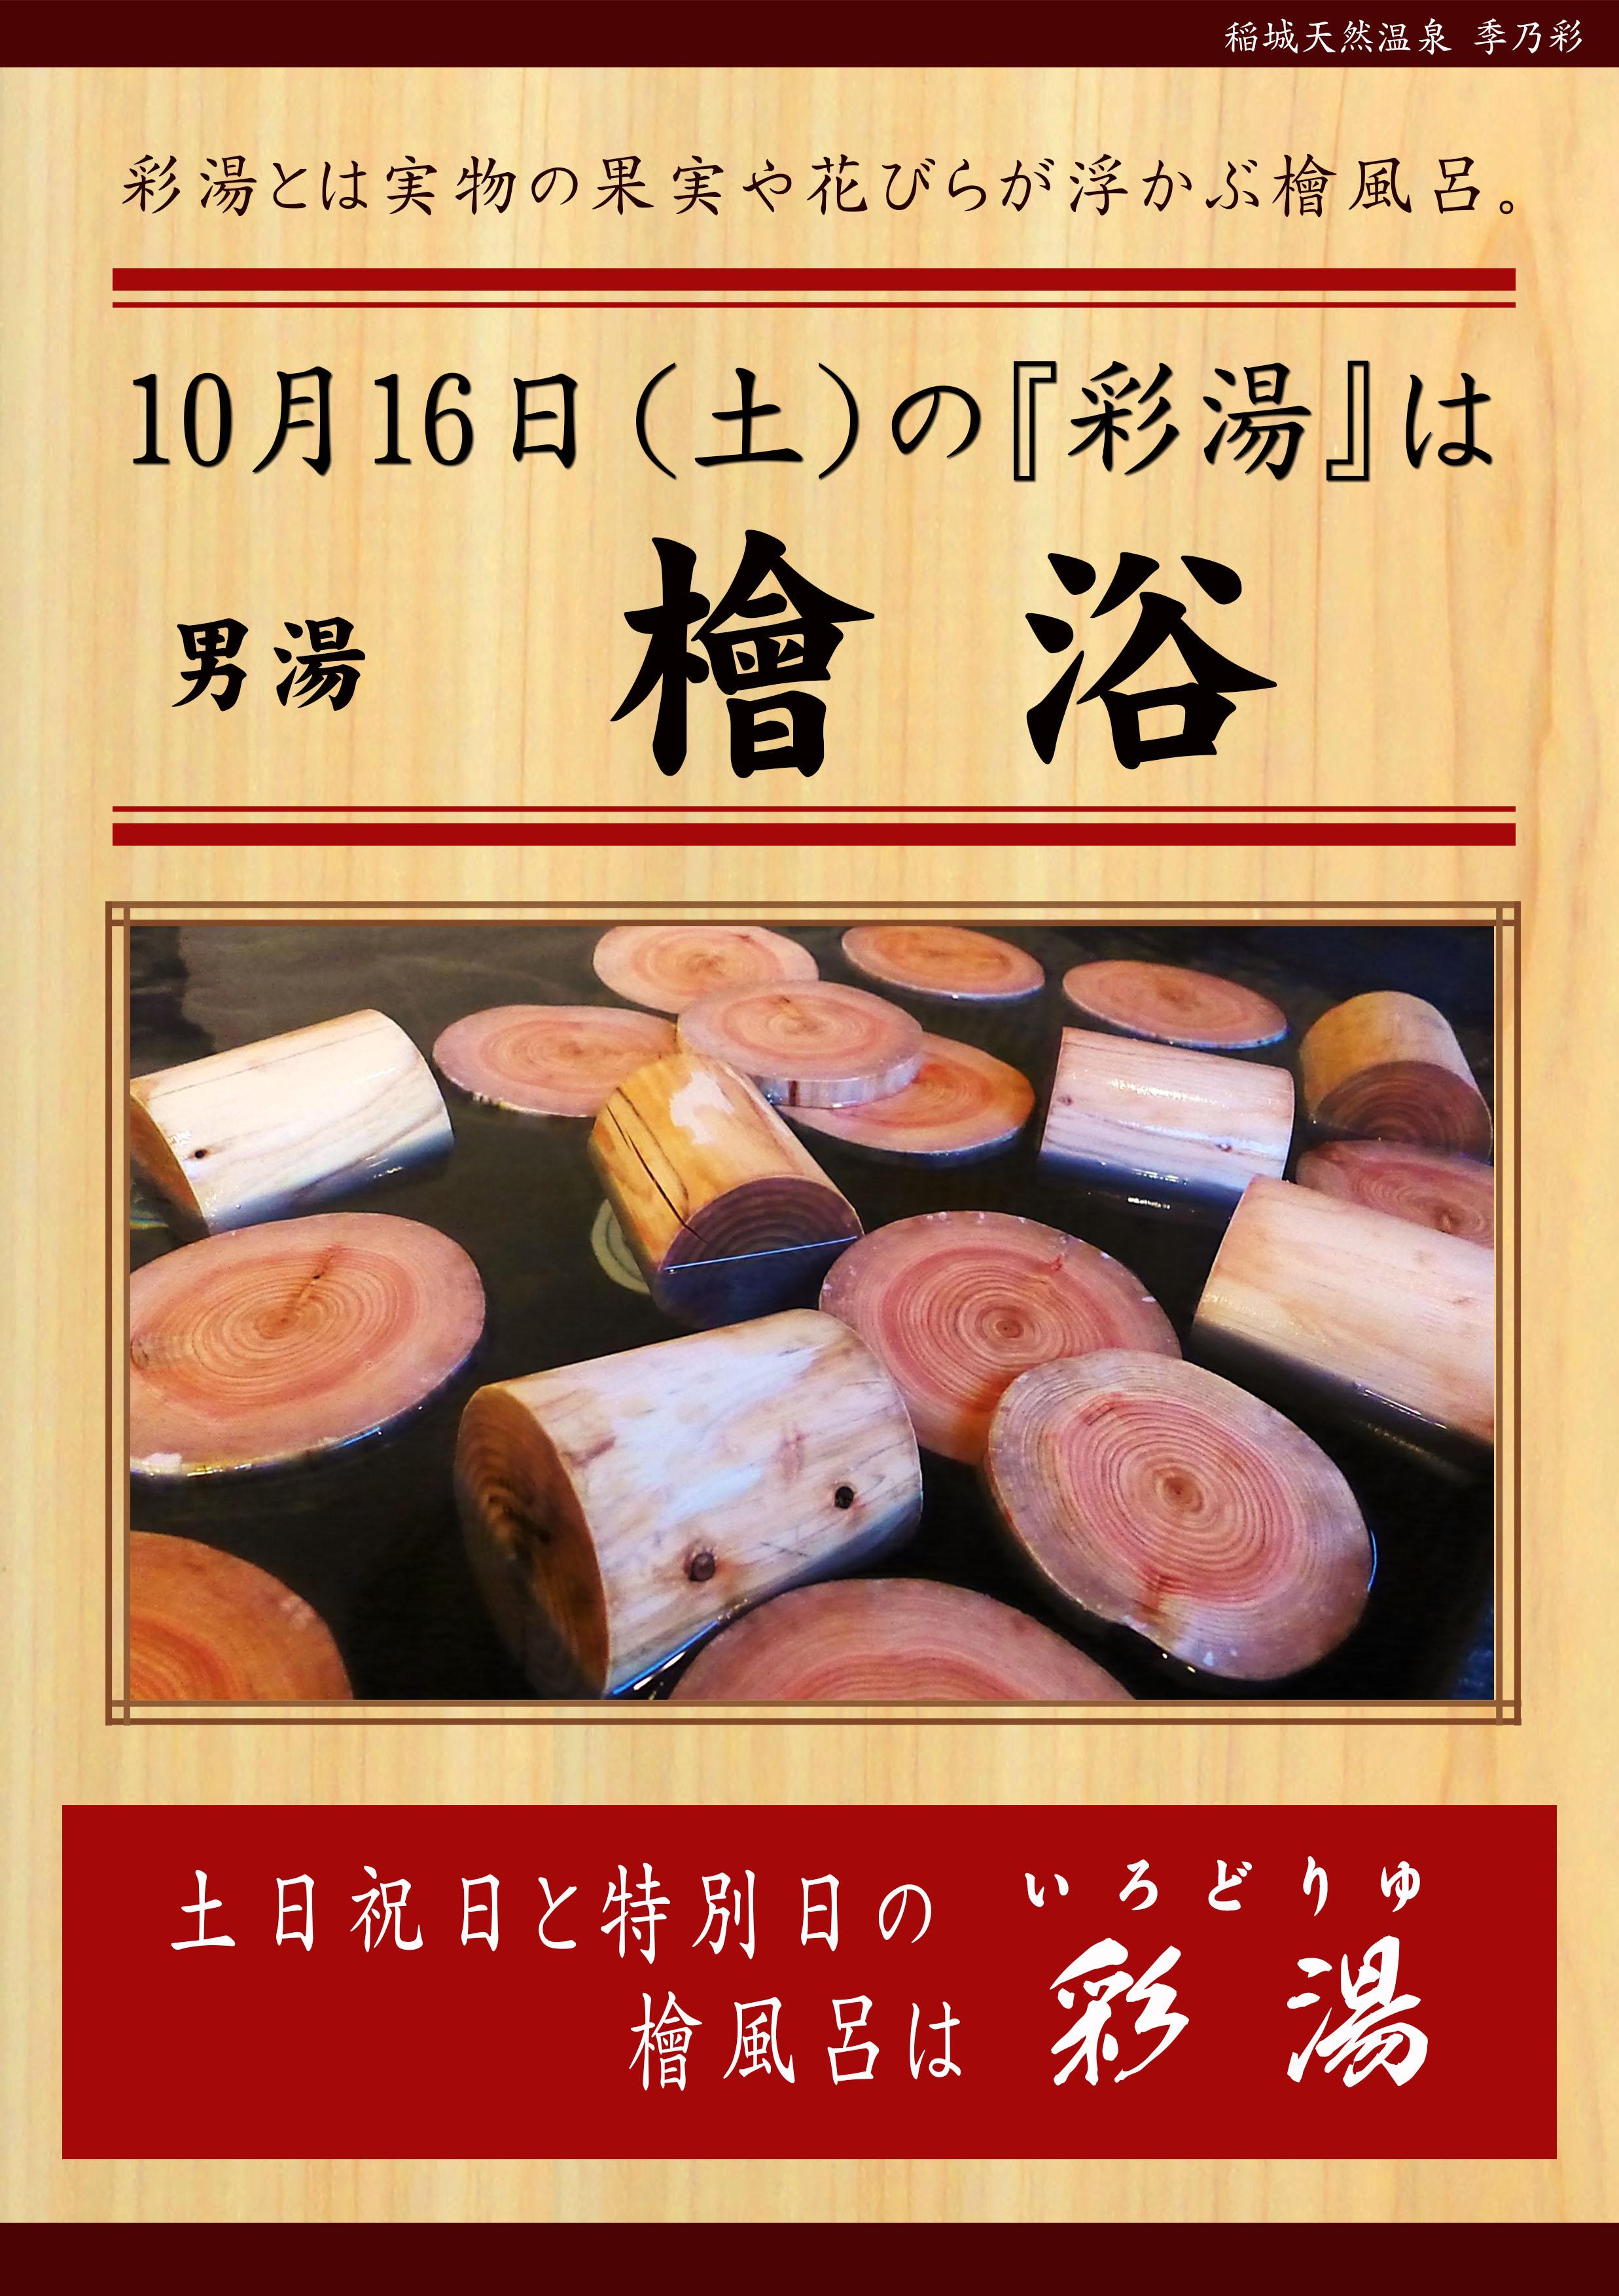 20211016 POP イベント 彩湯 男 檜浴